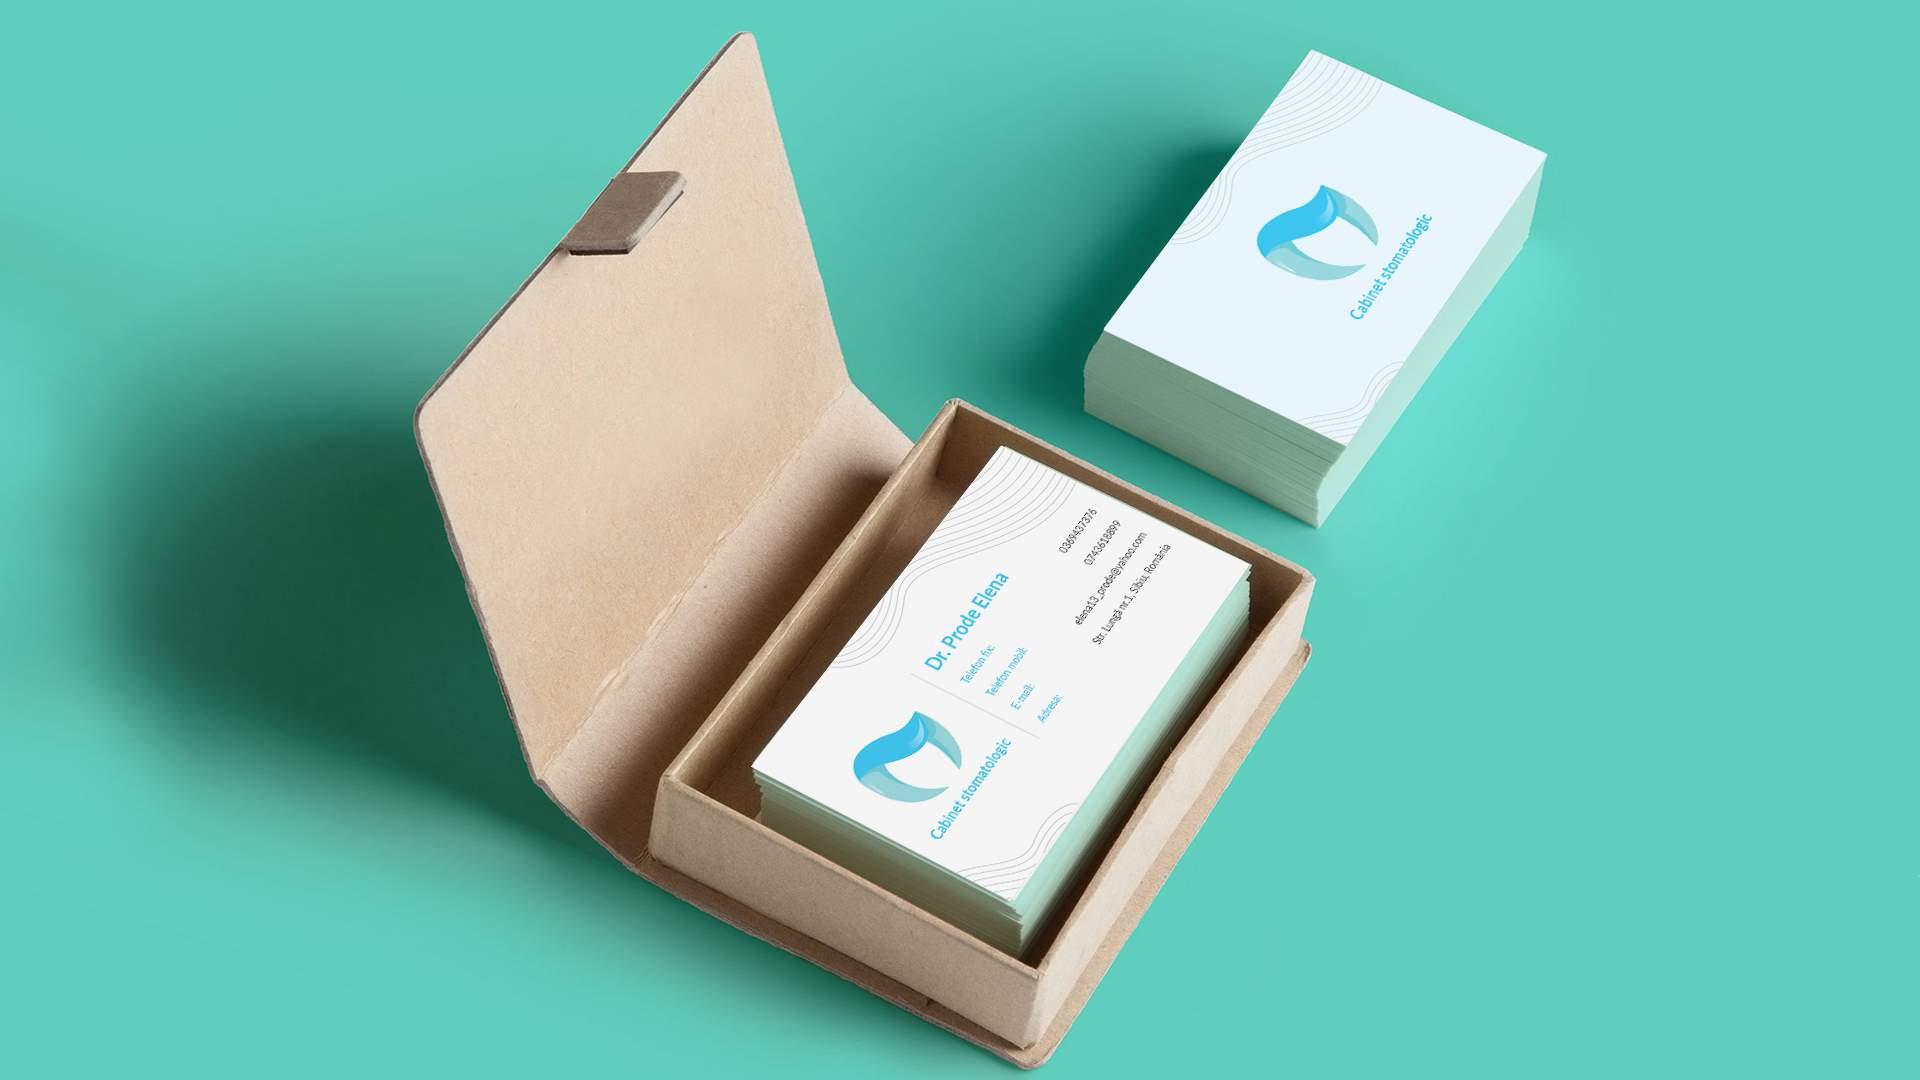 prode-elena-stomatologie-business-card-branding